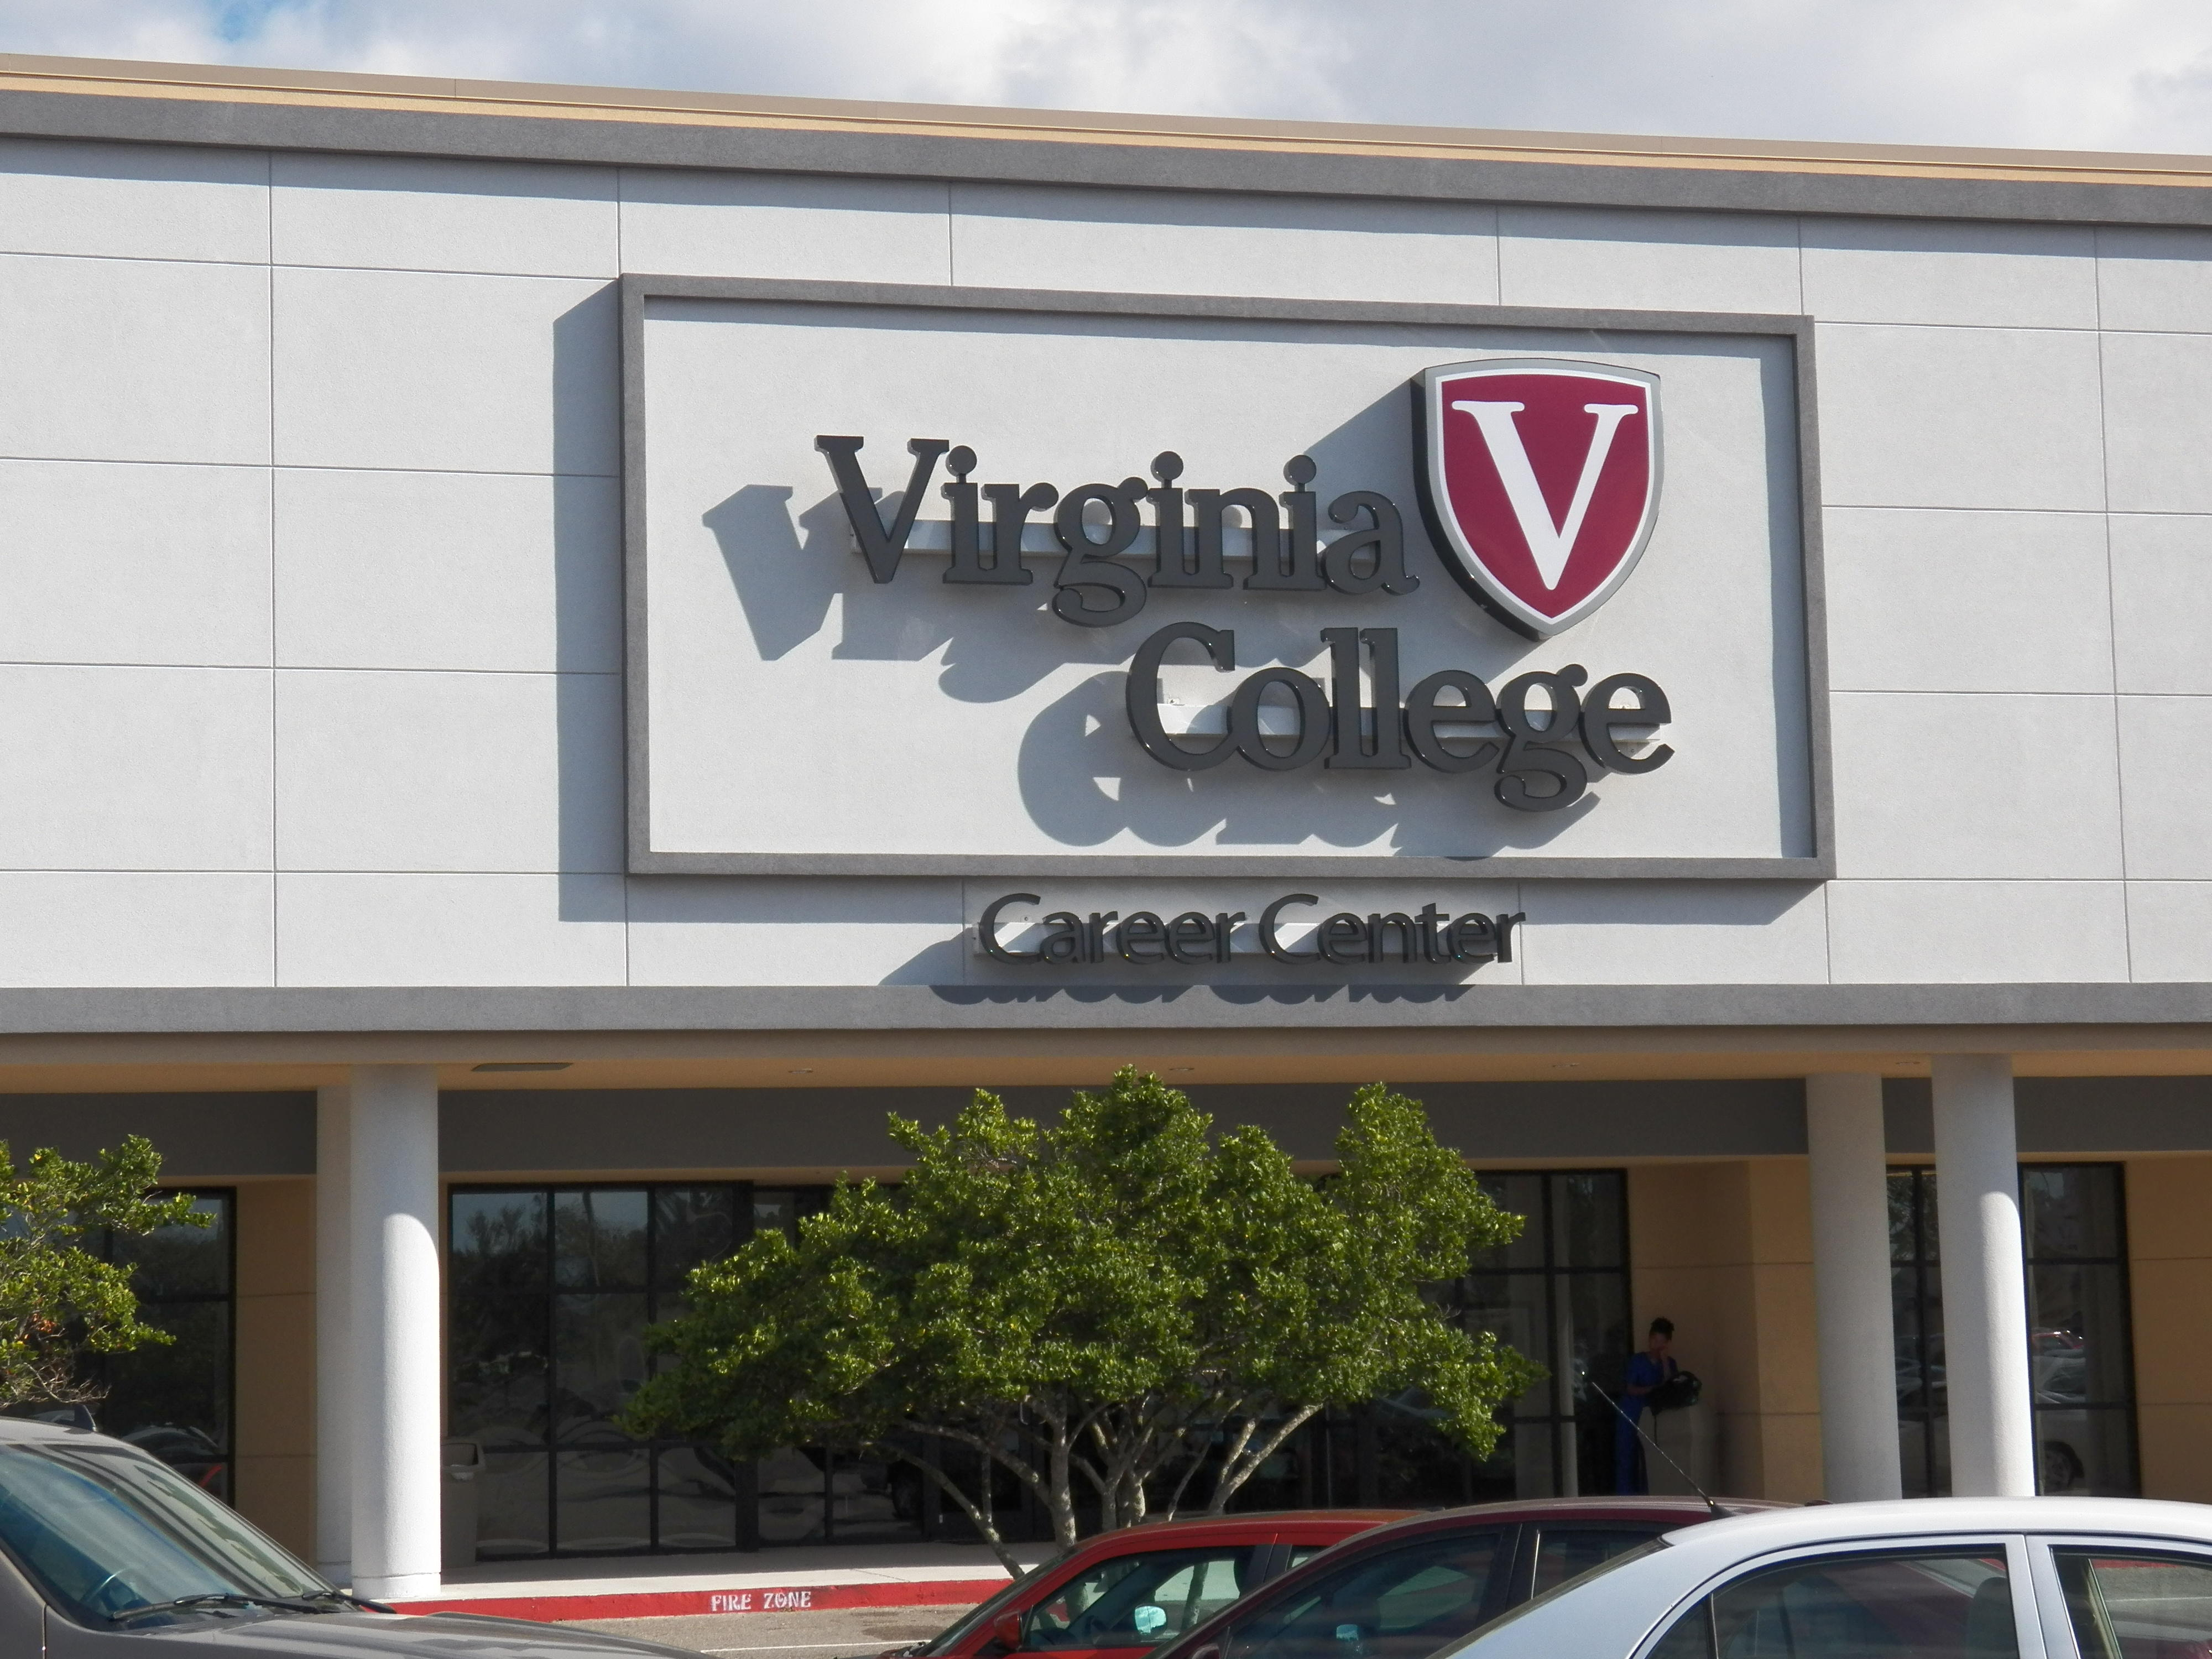 Virginia College in Baton Rouge image 0